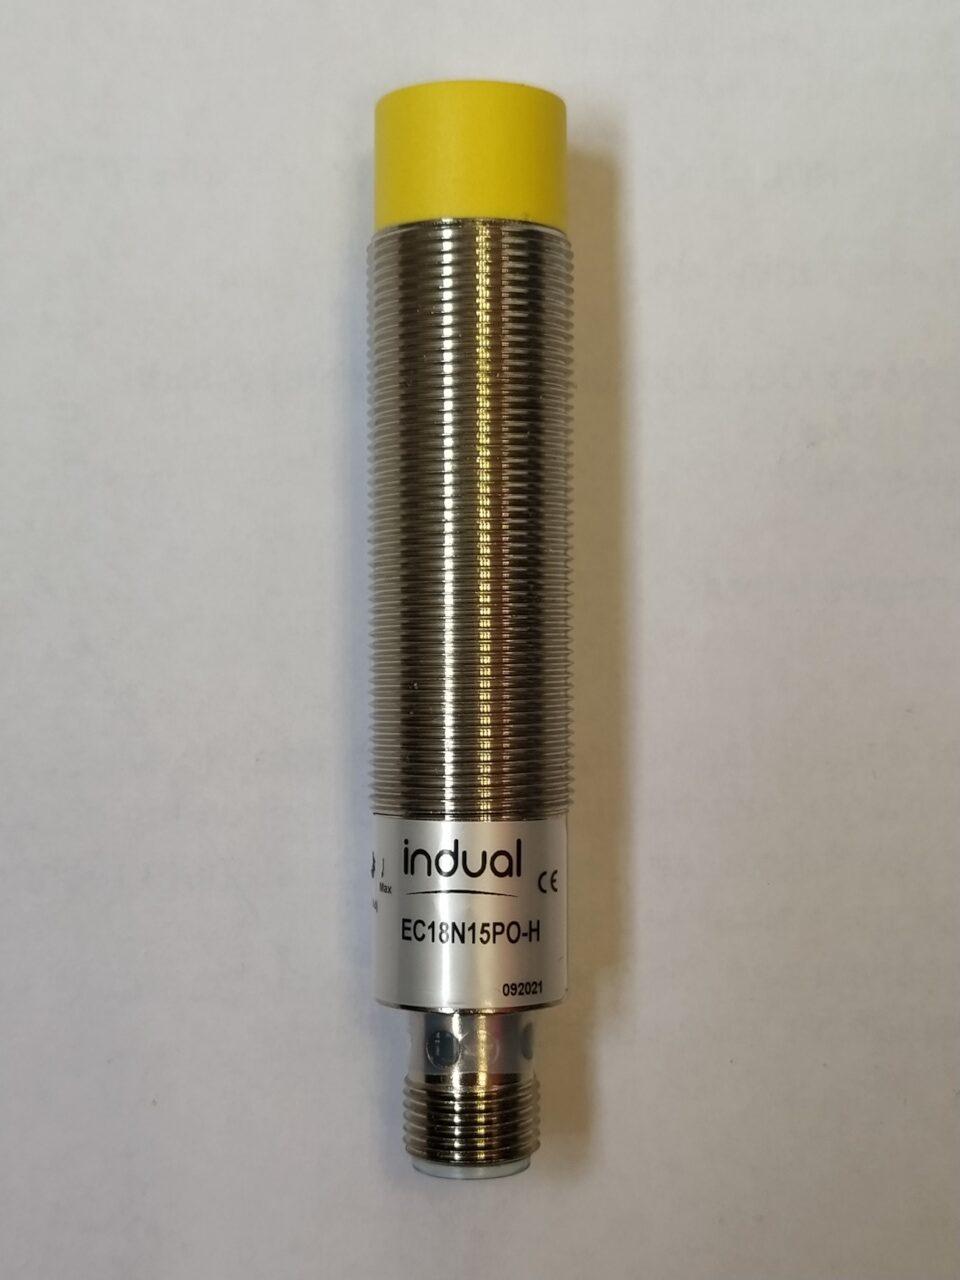 EC18N15PO-H- czujnik pojemnościowy, M18, zasięg 2-15mm, PNP, NO, konektor M12, obudowa metalowa, IP67, dioda LED, 10-30V DC, Indual